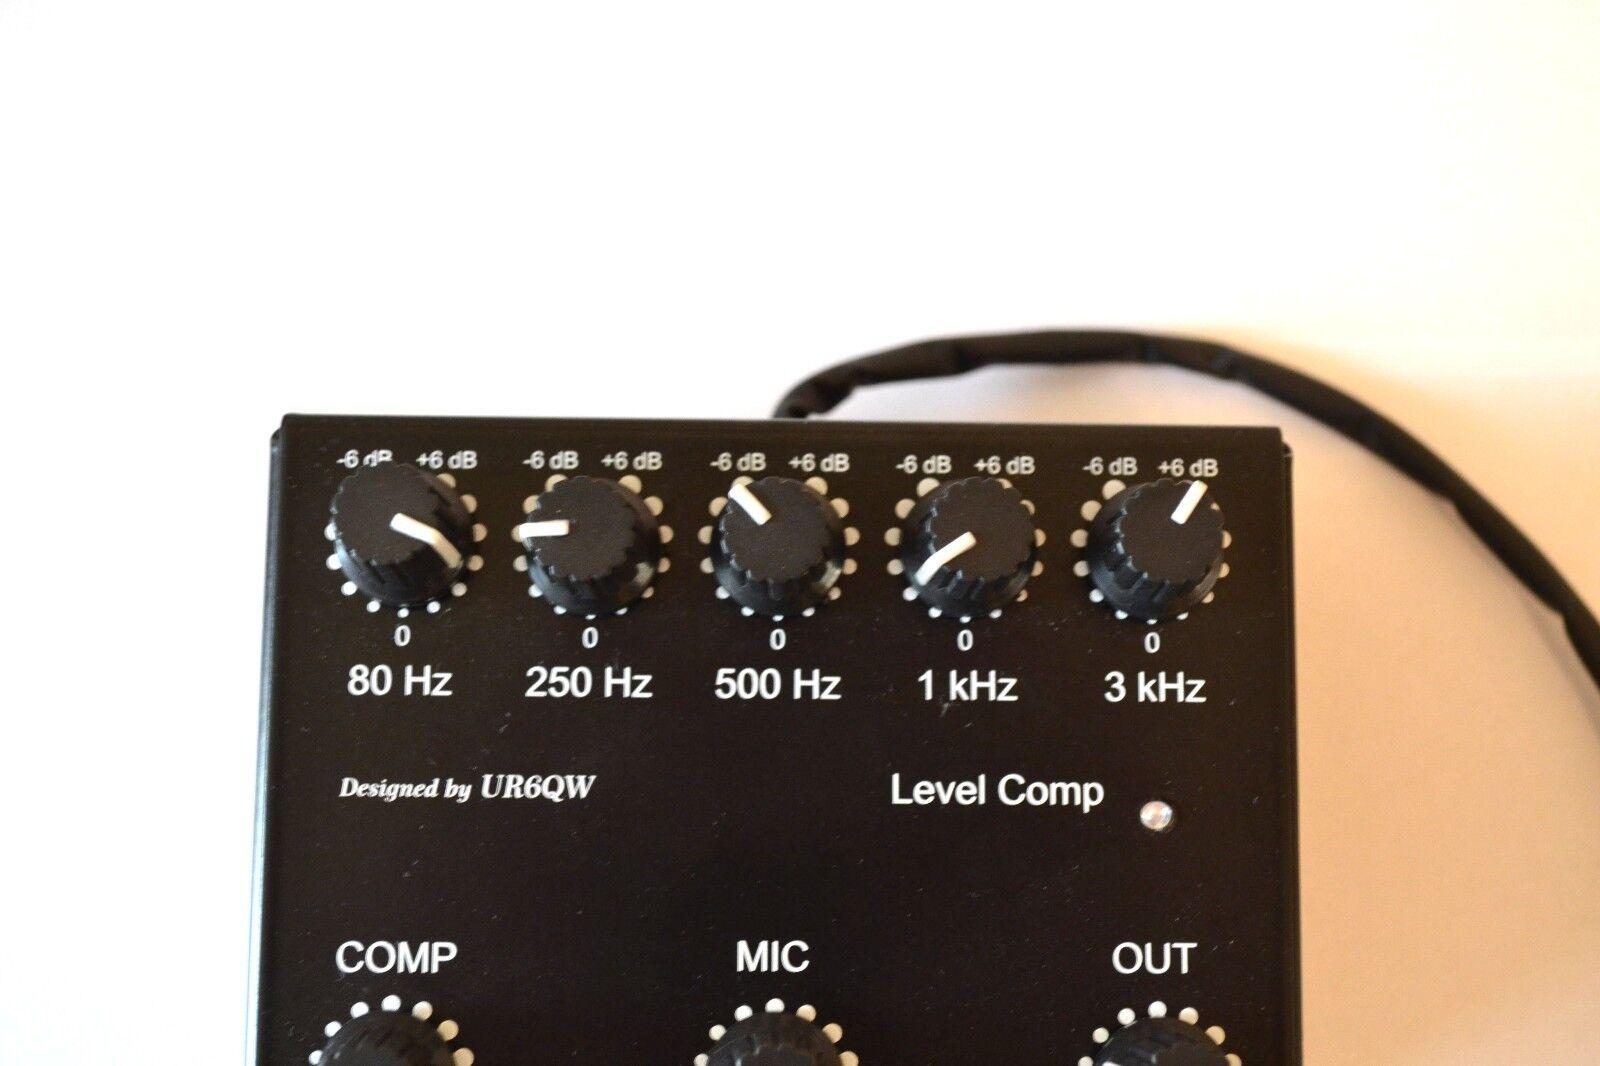 Equalizer Compressor KENWOOD TS-450 TS-850 TS-950 TS-870 TS-2000 TS